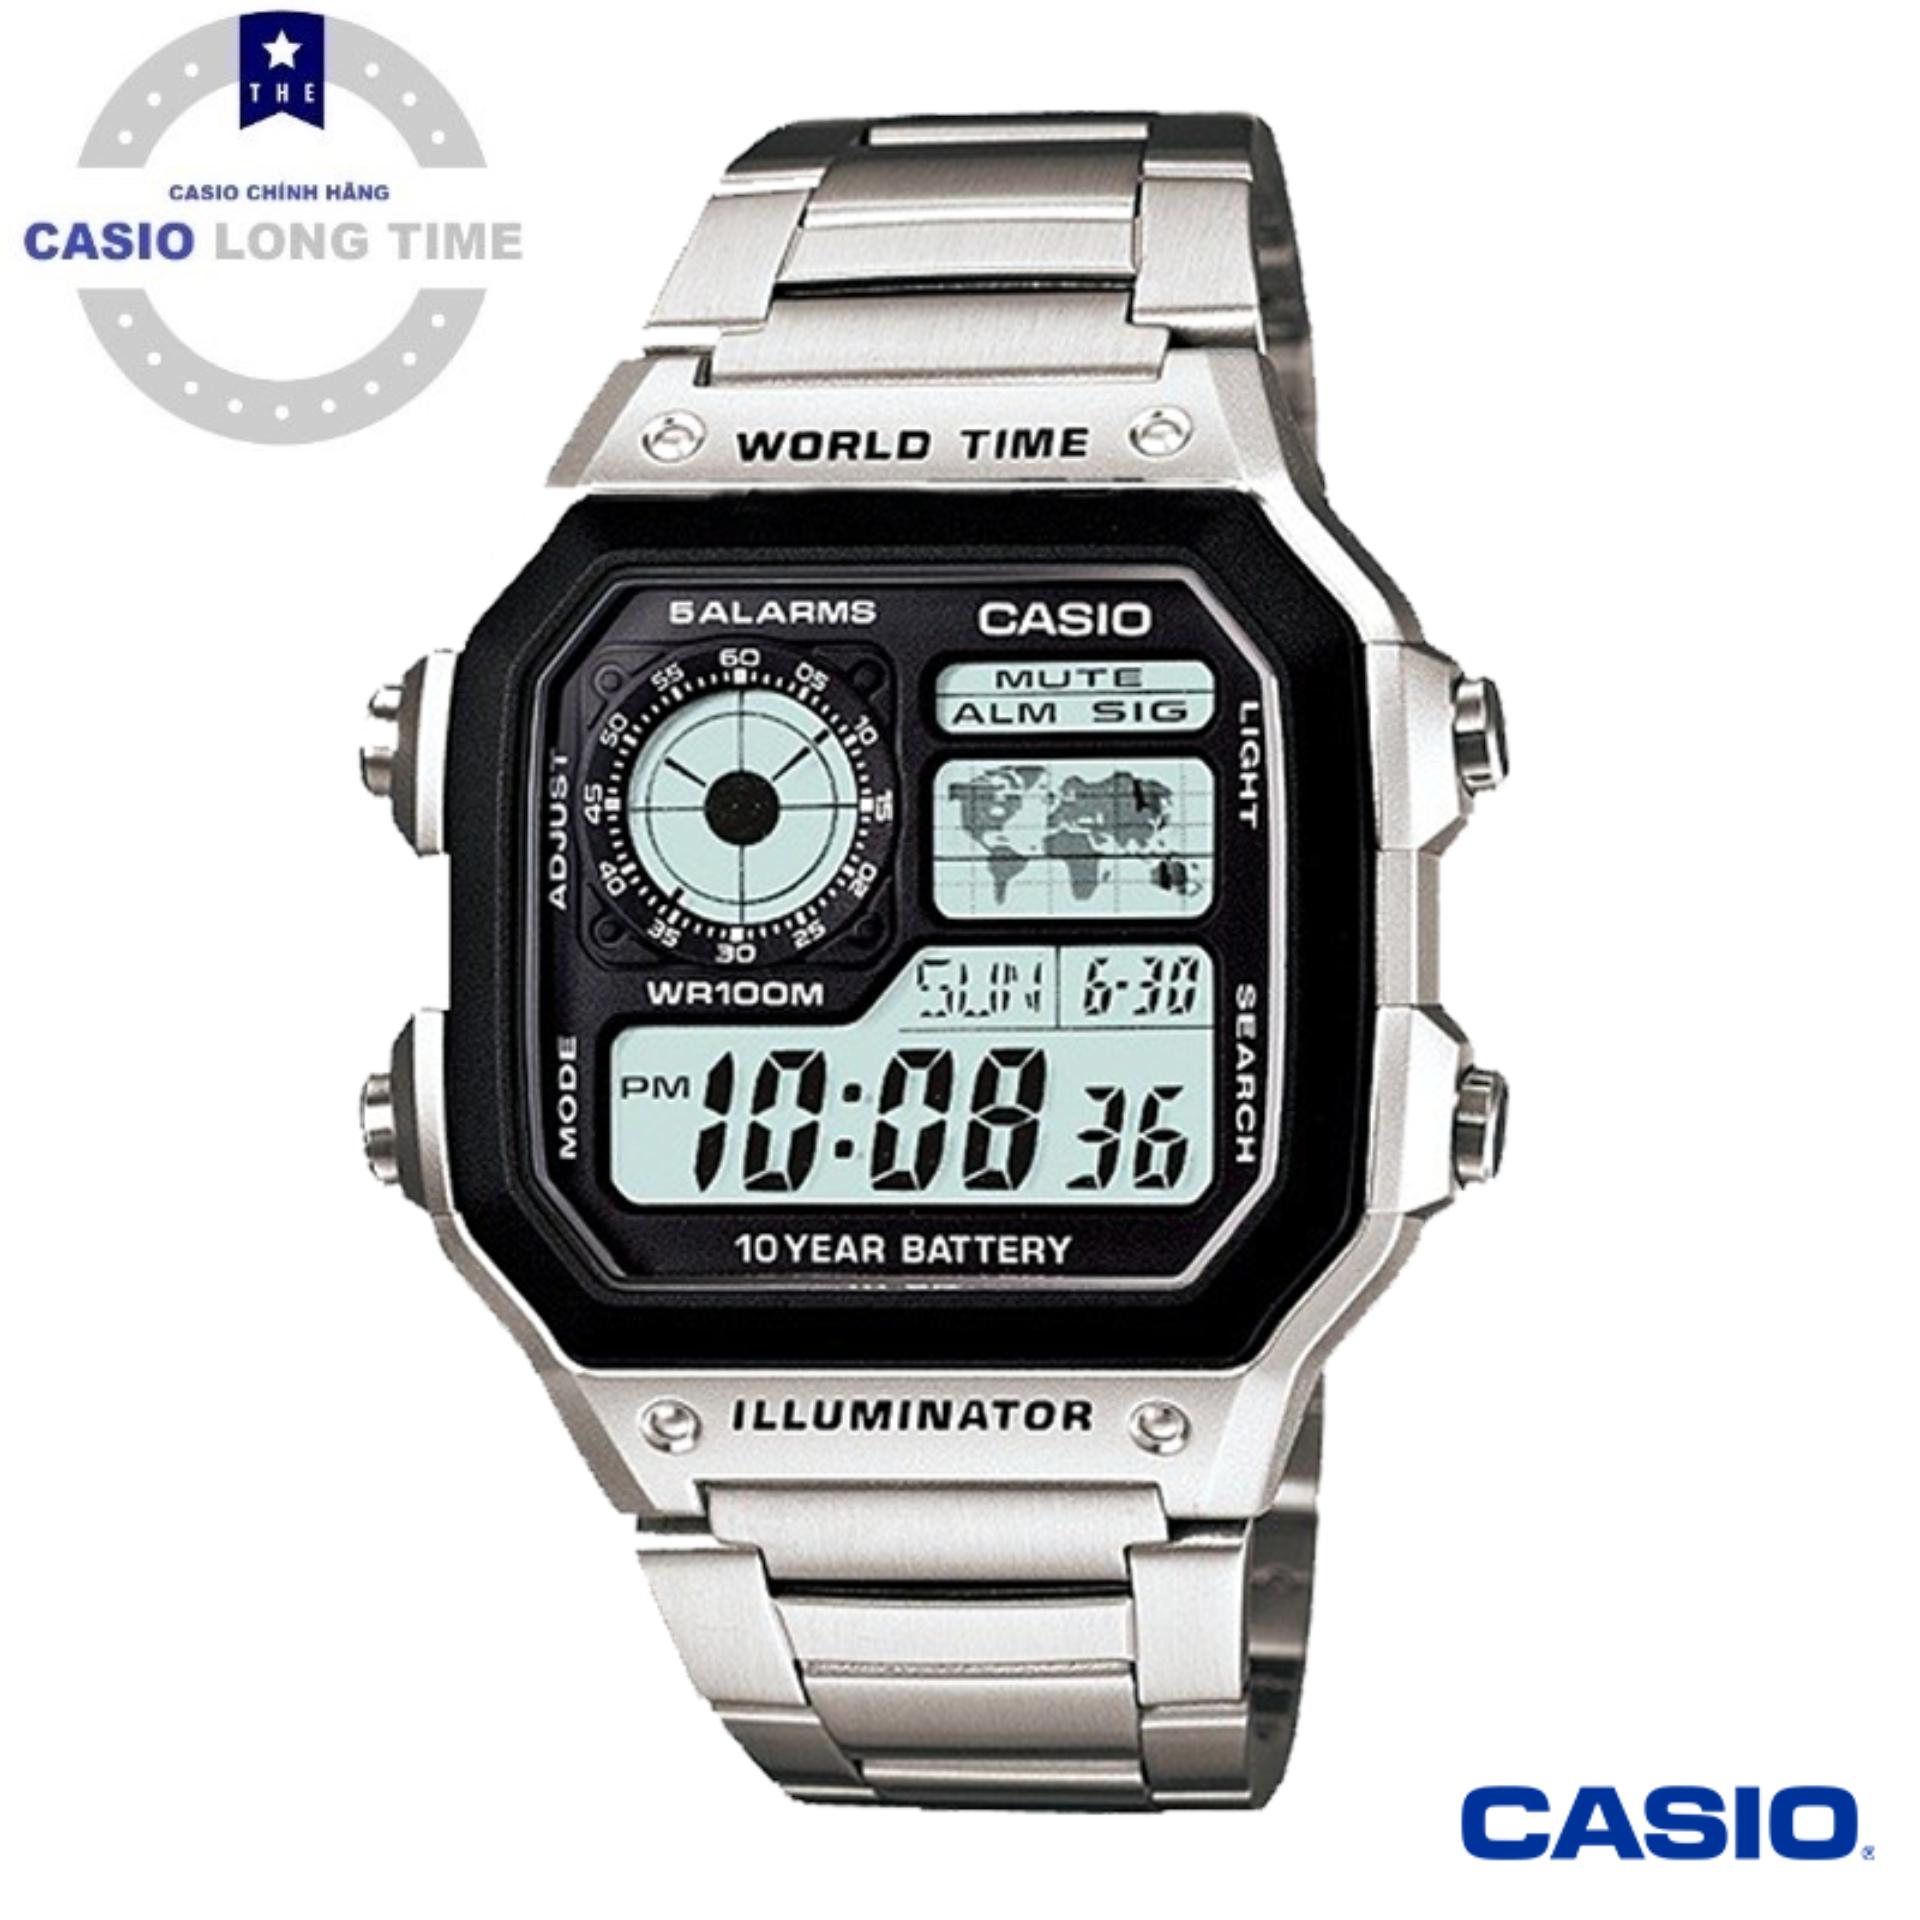 Đồng hồ nam Casio AE-1200WHD-1AV dây đeo kim loại – Pin 10 năm – Chống nước Tuyệt Đối